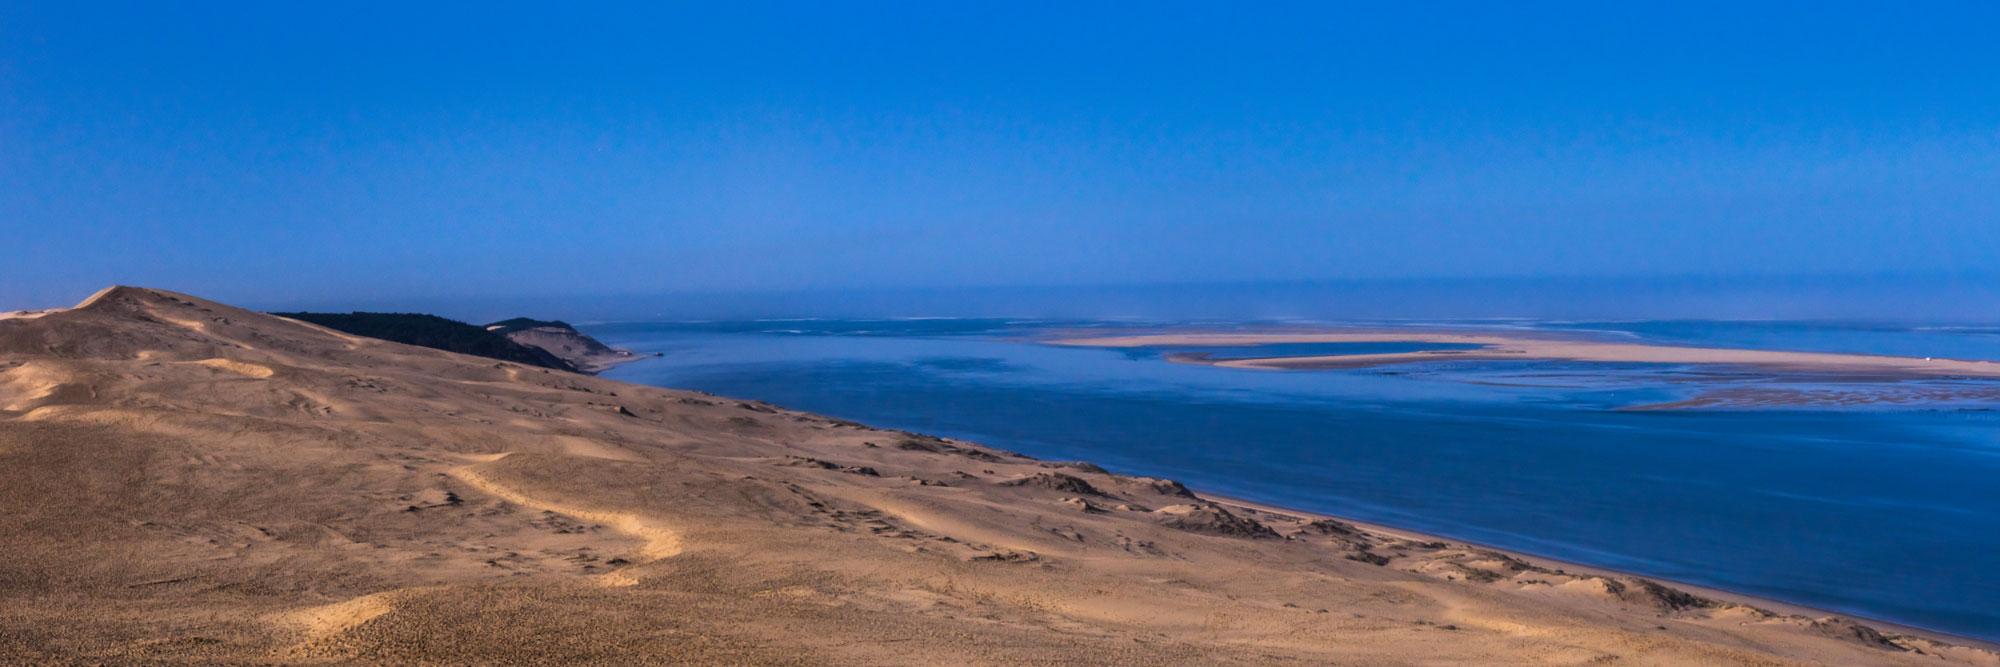 Dune de Pyla et banc d'Arguin, côte Atlantique